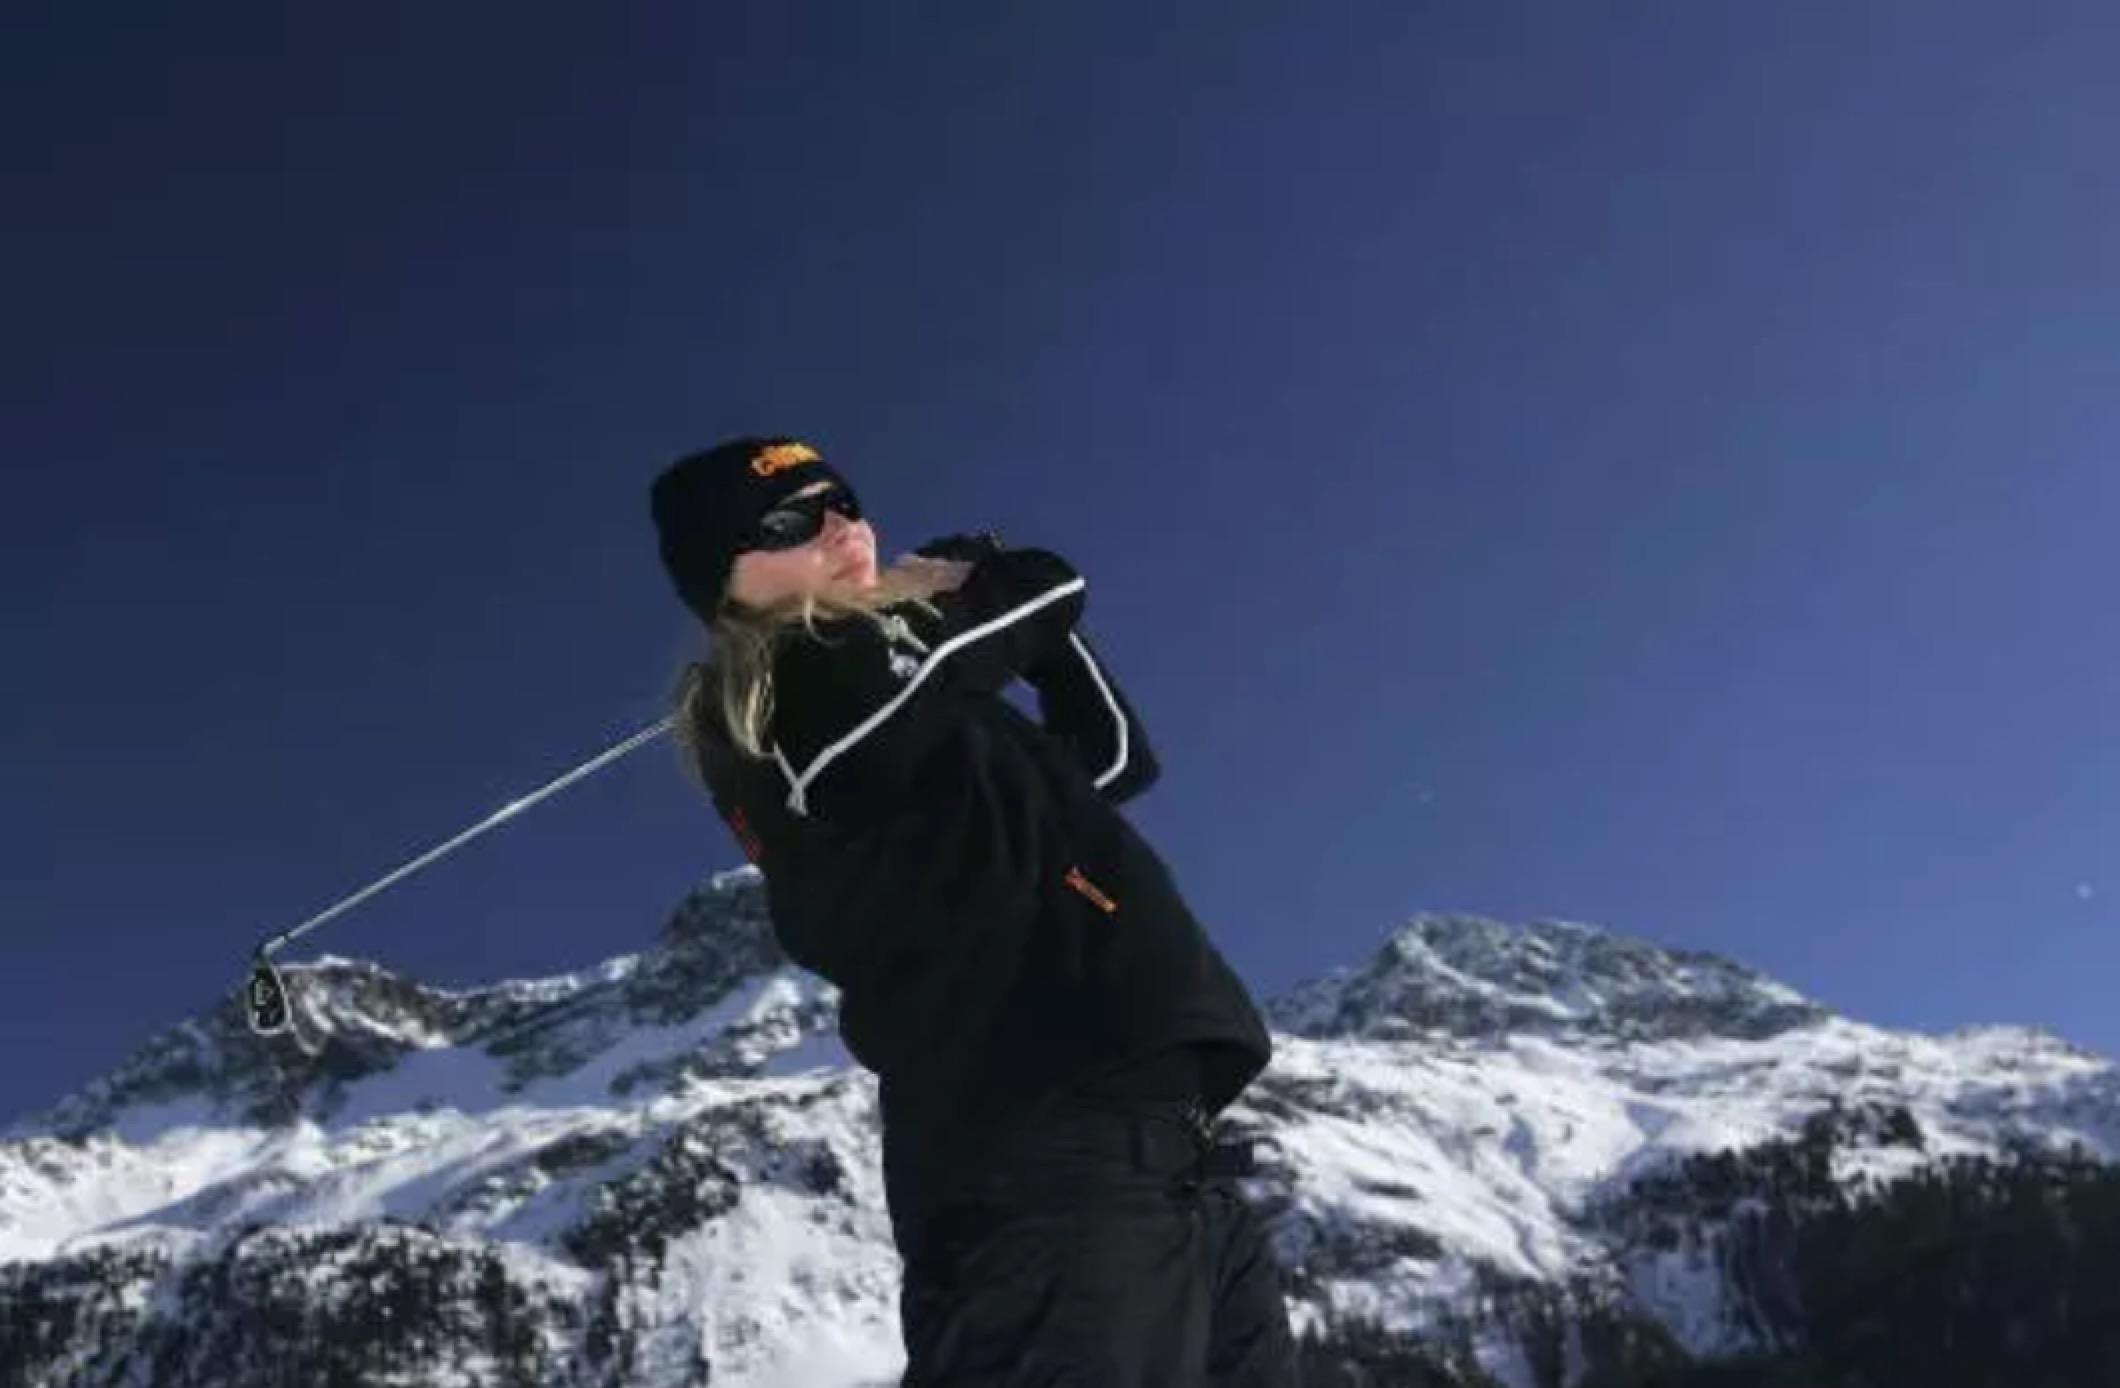 去芬兰感受雪地高尔夫球的冰火交融吧!